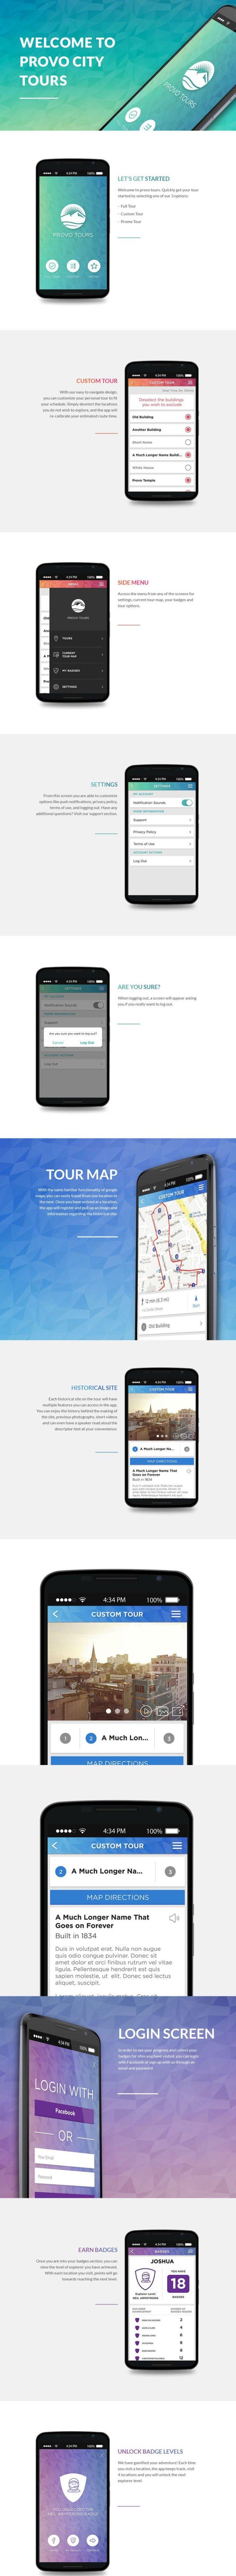 Provo-City-Tour-App